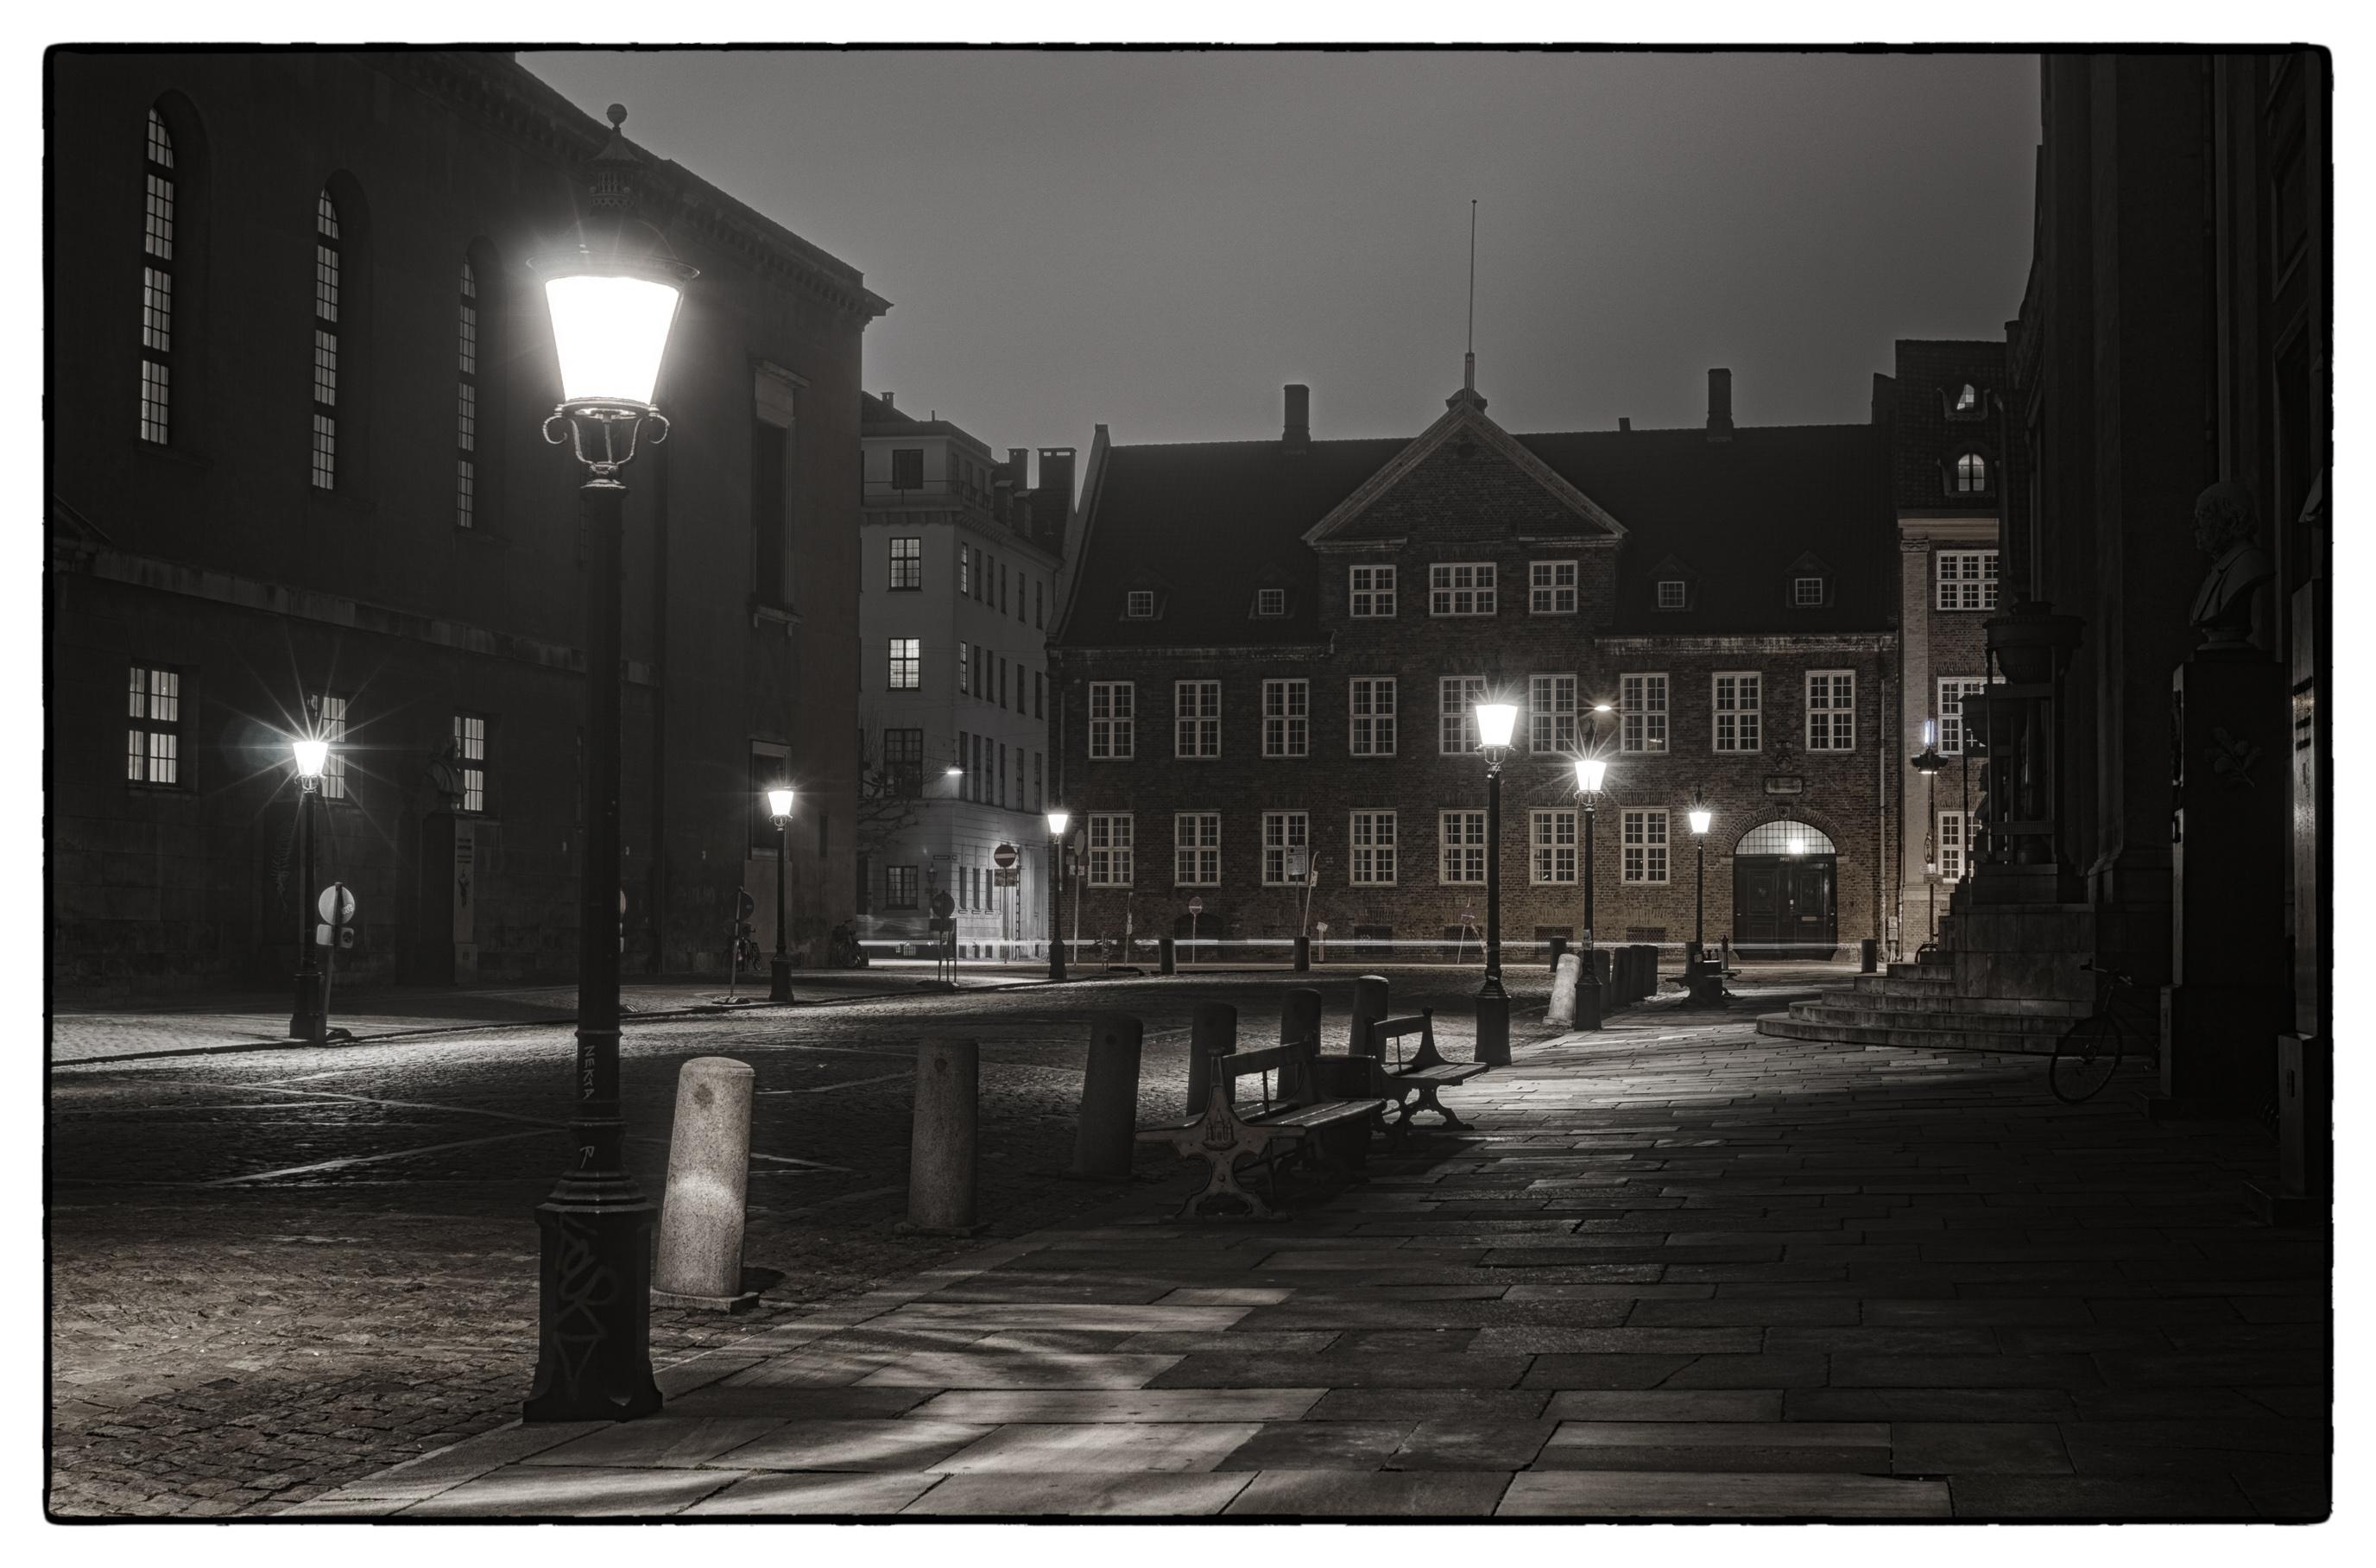 cph-foggy-night_ready